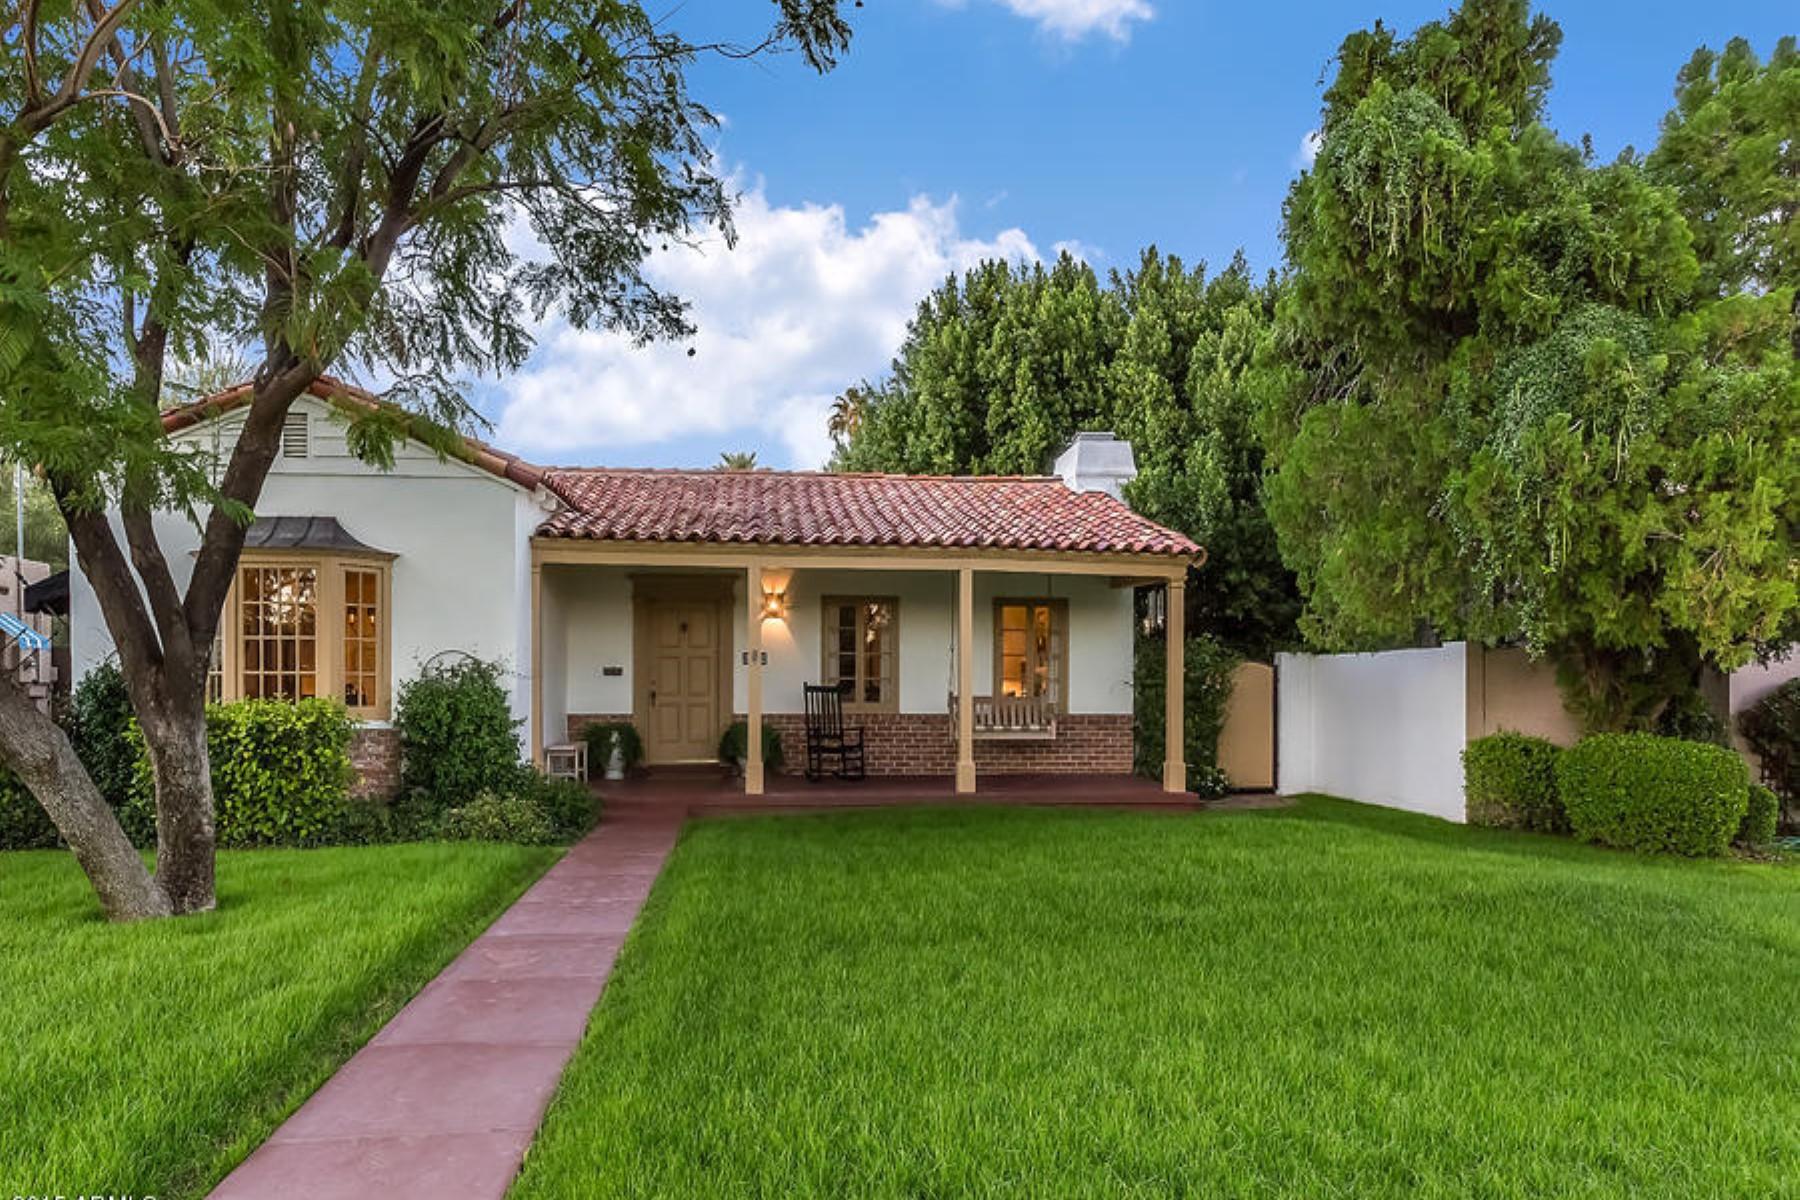 Einfamilienhaus für Verkauf beim Designed and occupied by Depression Era Phoenix architect Orville A. Bell 322 W Holly St Phoenix, Arizona 85003 Vereinigte Staaten